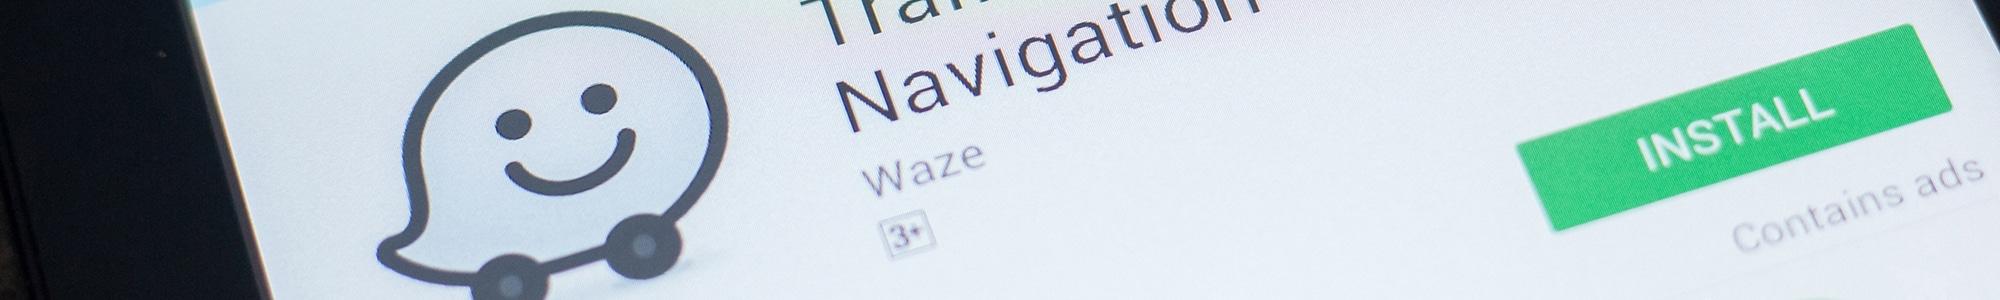 Geofencing---Google-Maps-_-Waze-Ads